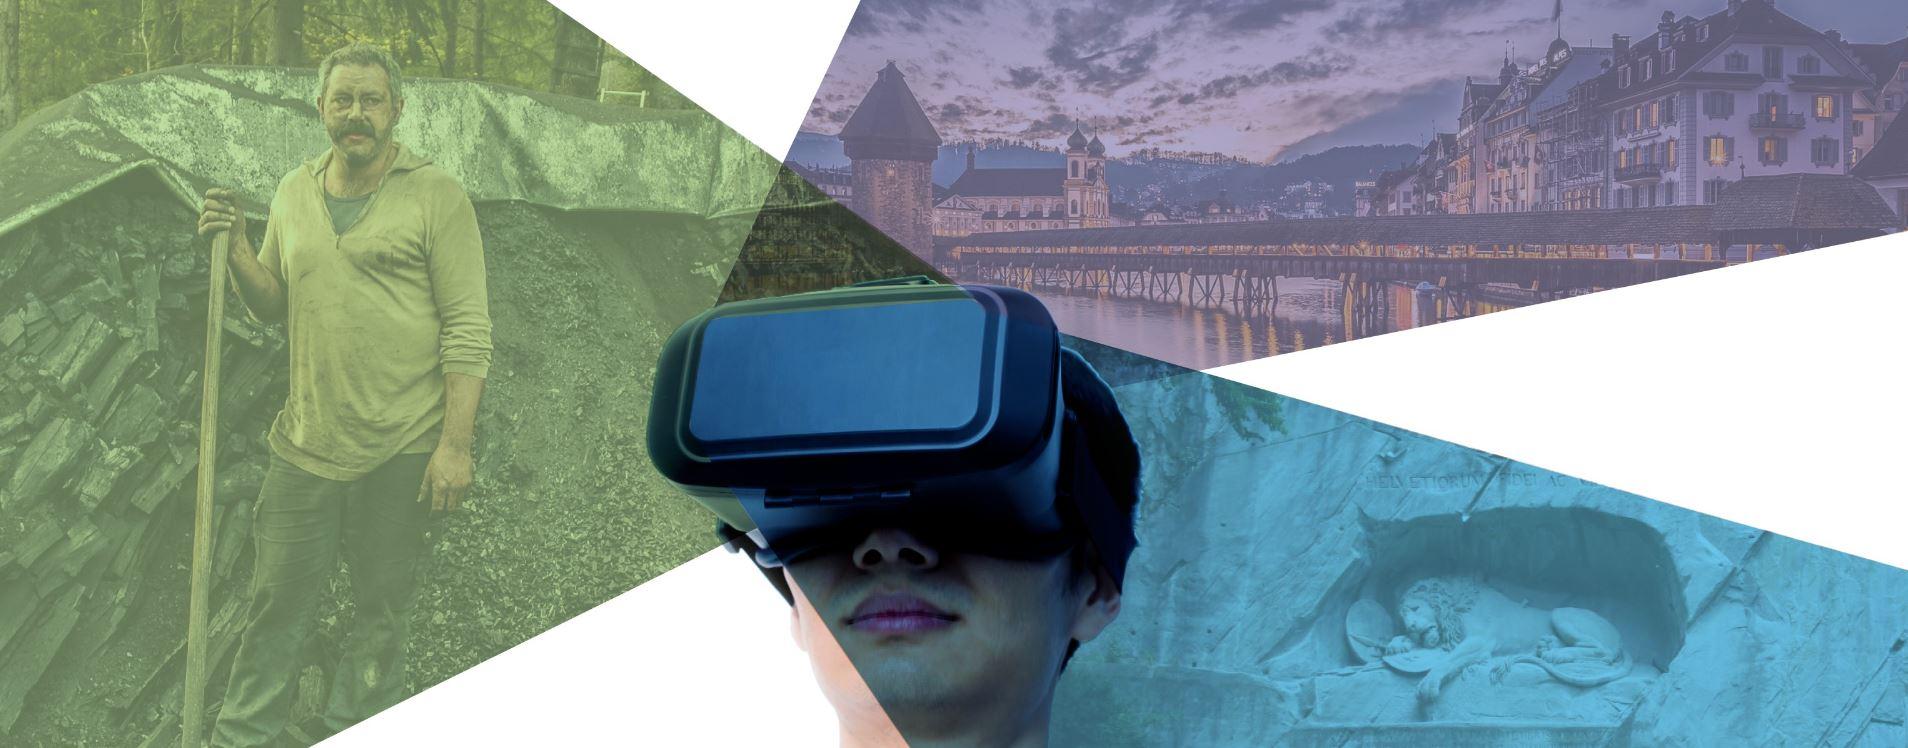 Kulturerbe interaktiv – Romooser Köhlerei als 360°-Film?